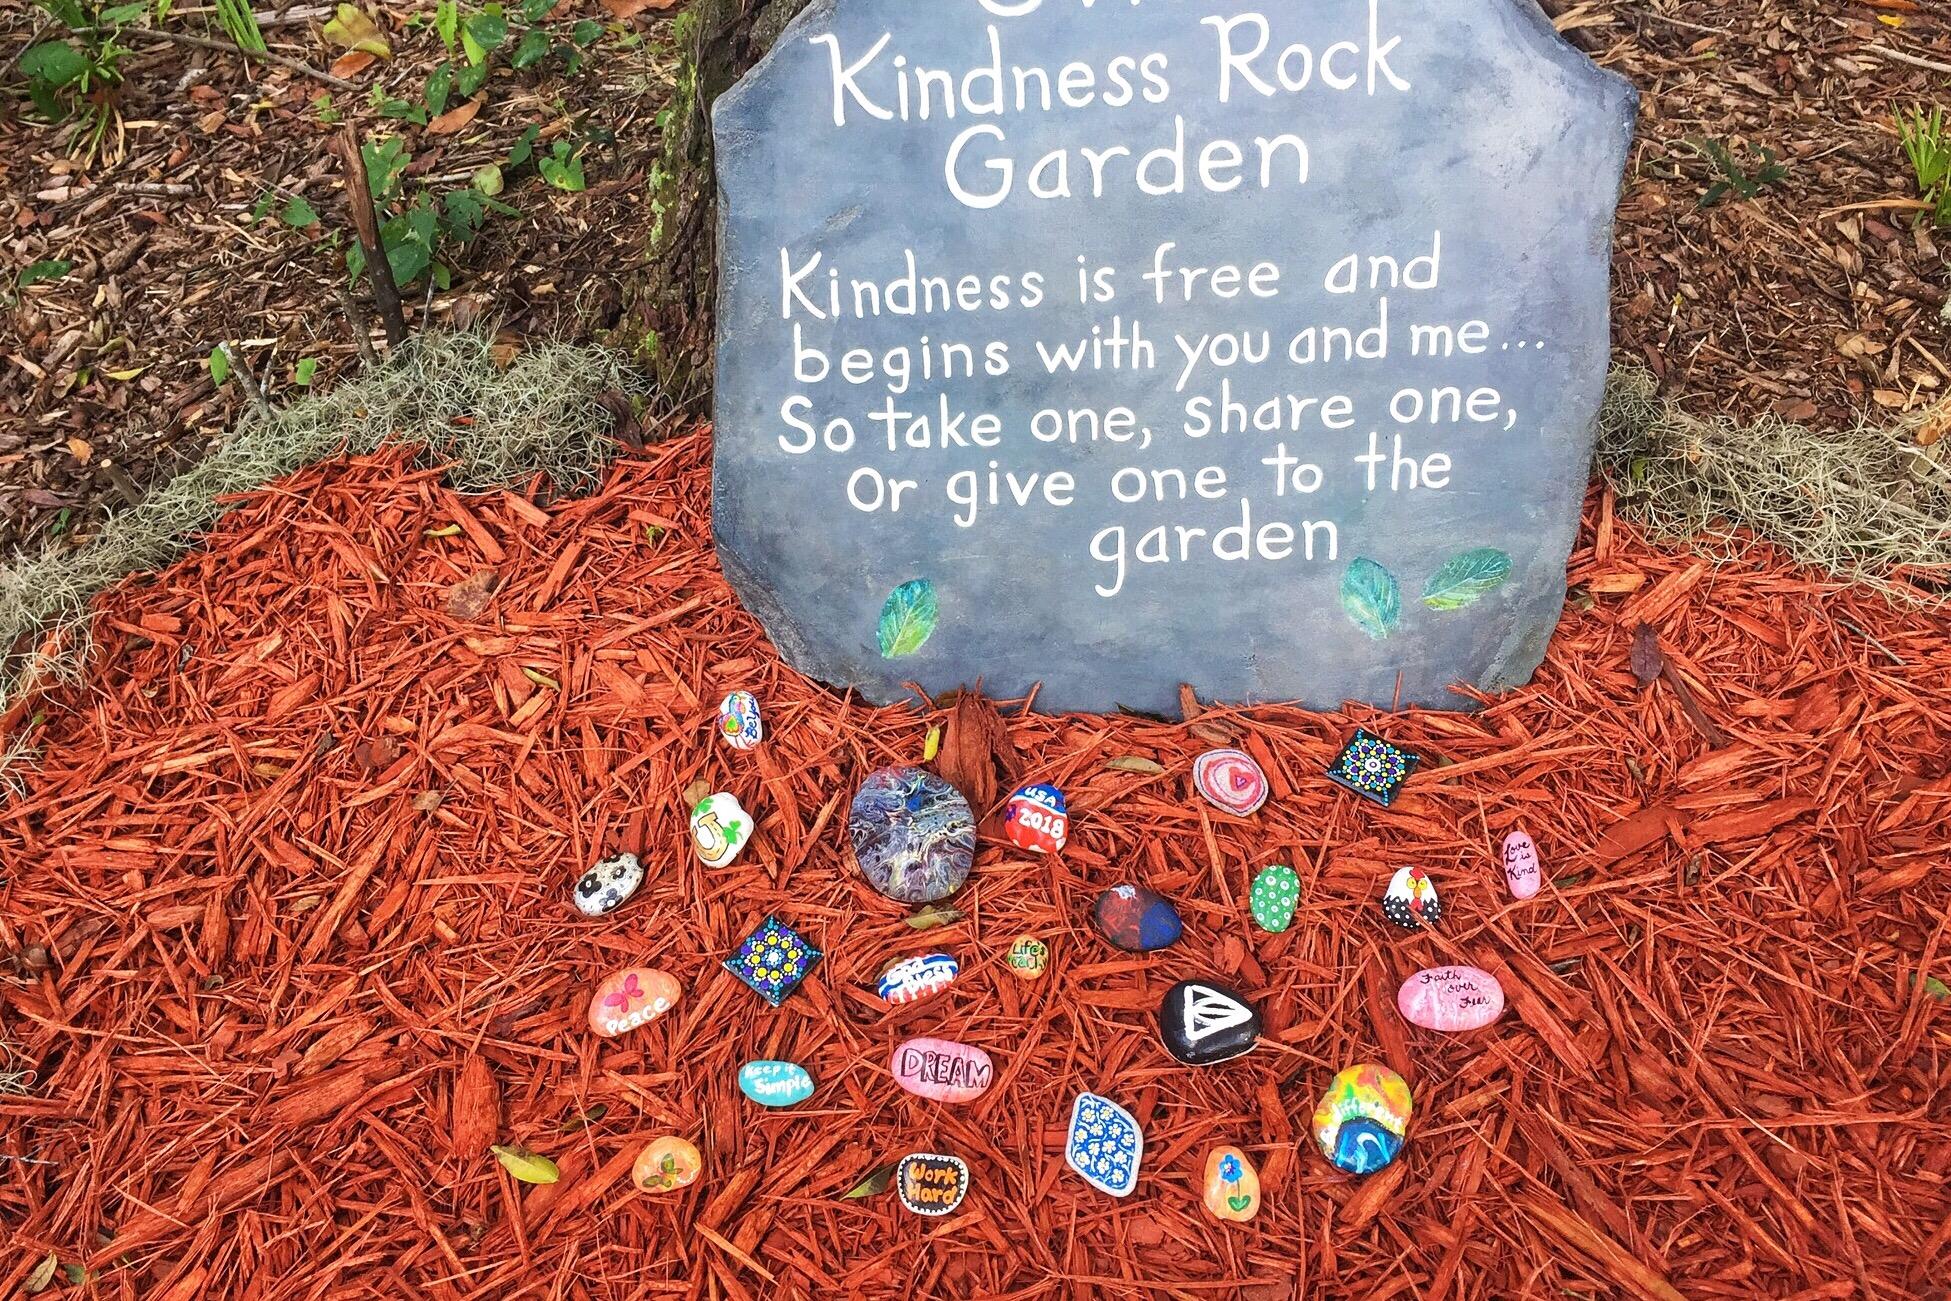 kindness rock garden-1